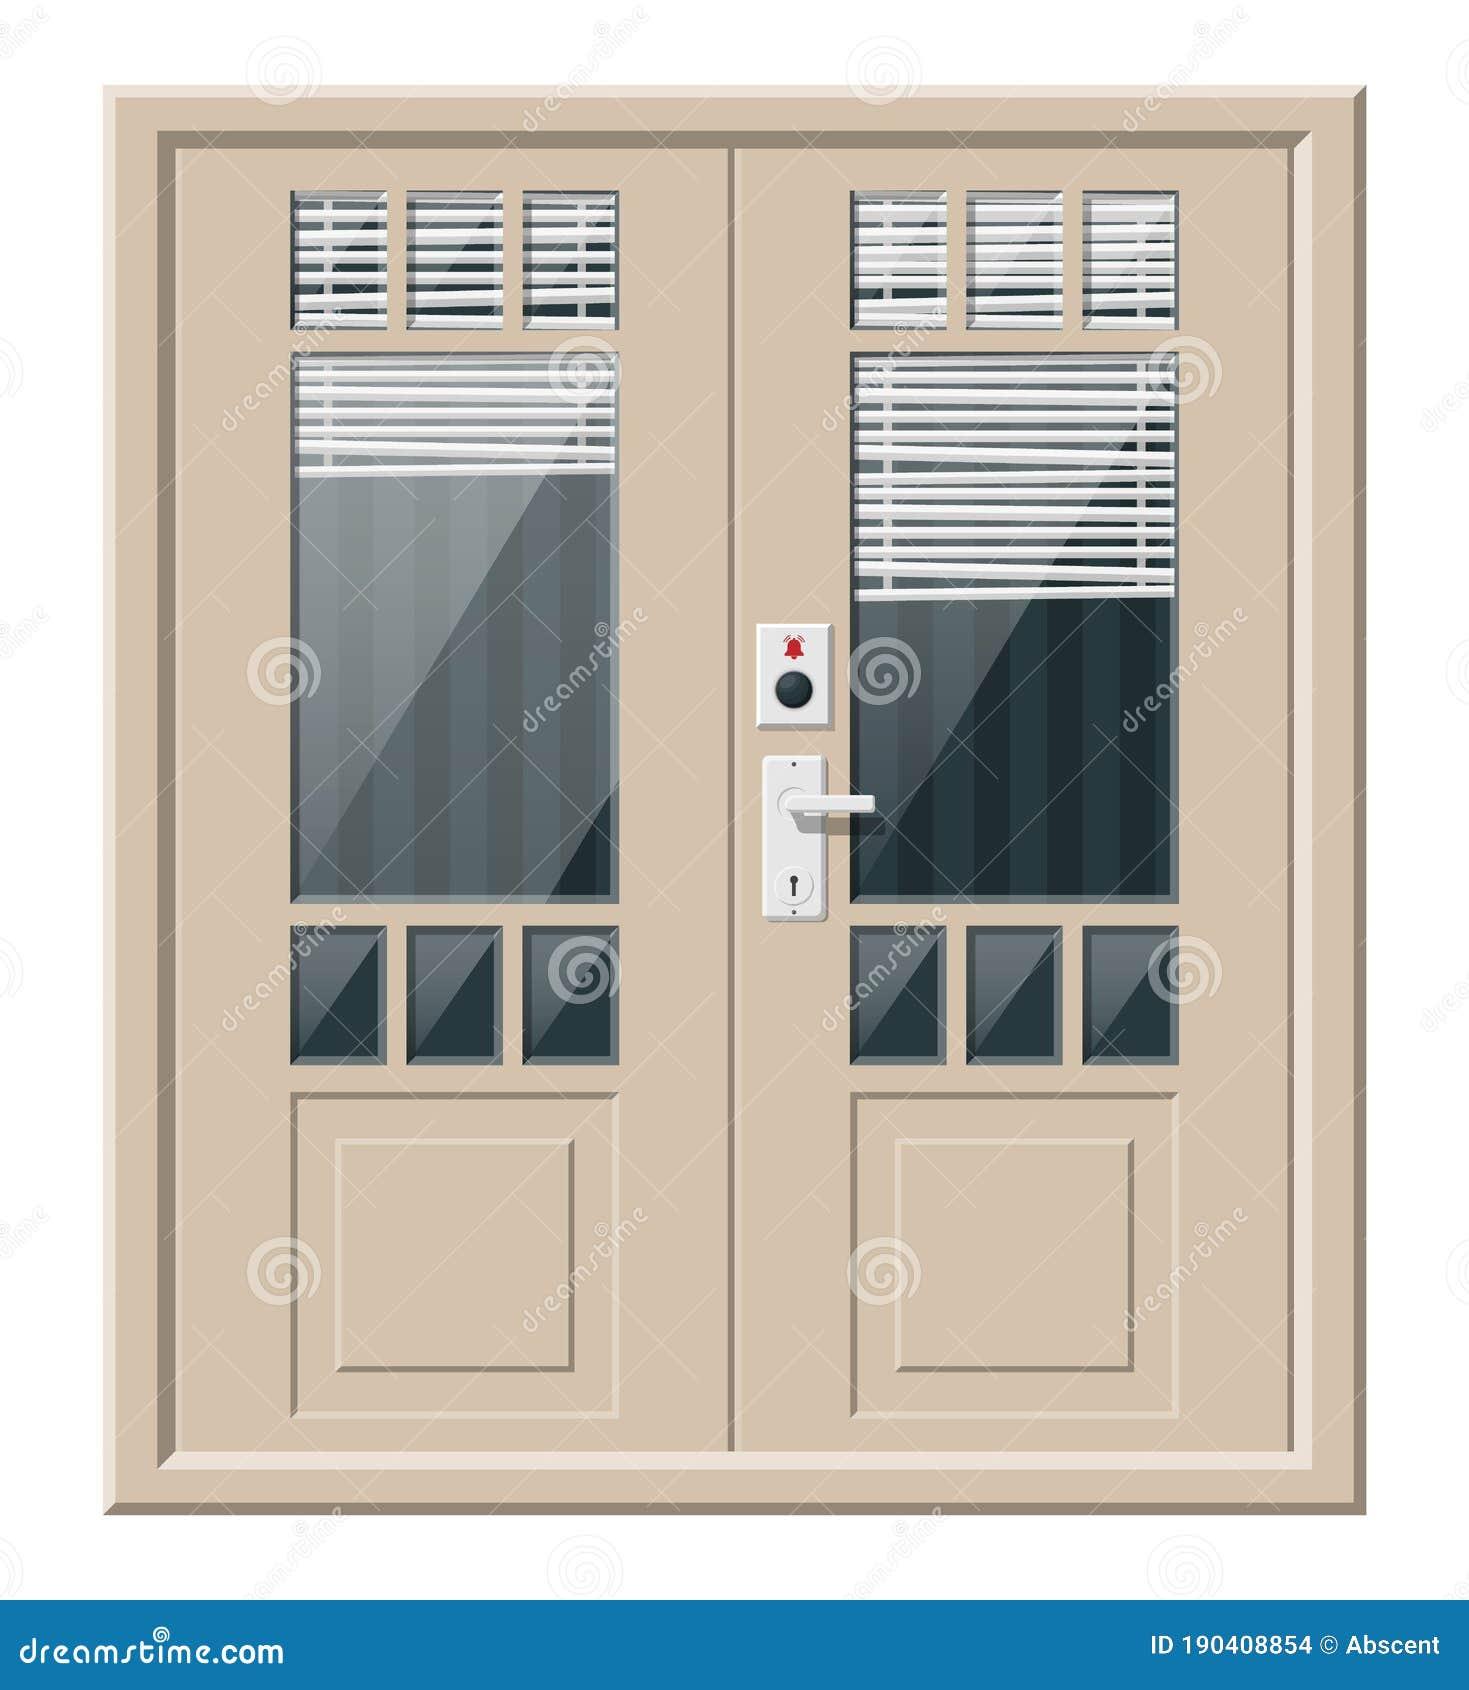 Wooden Cottage Door With Windows And Window Blind Stock Vector Illustration Of Front Door 190408854